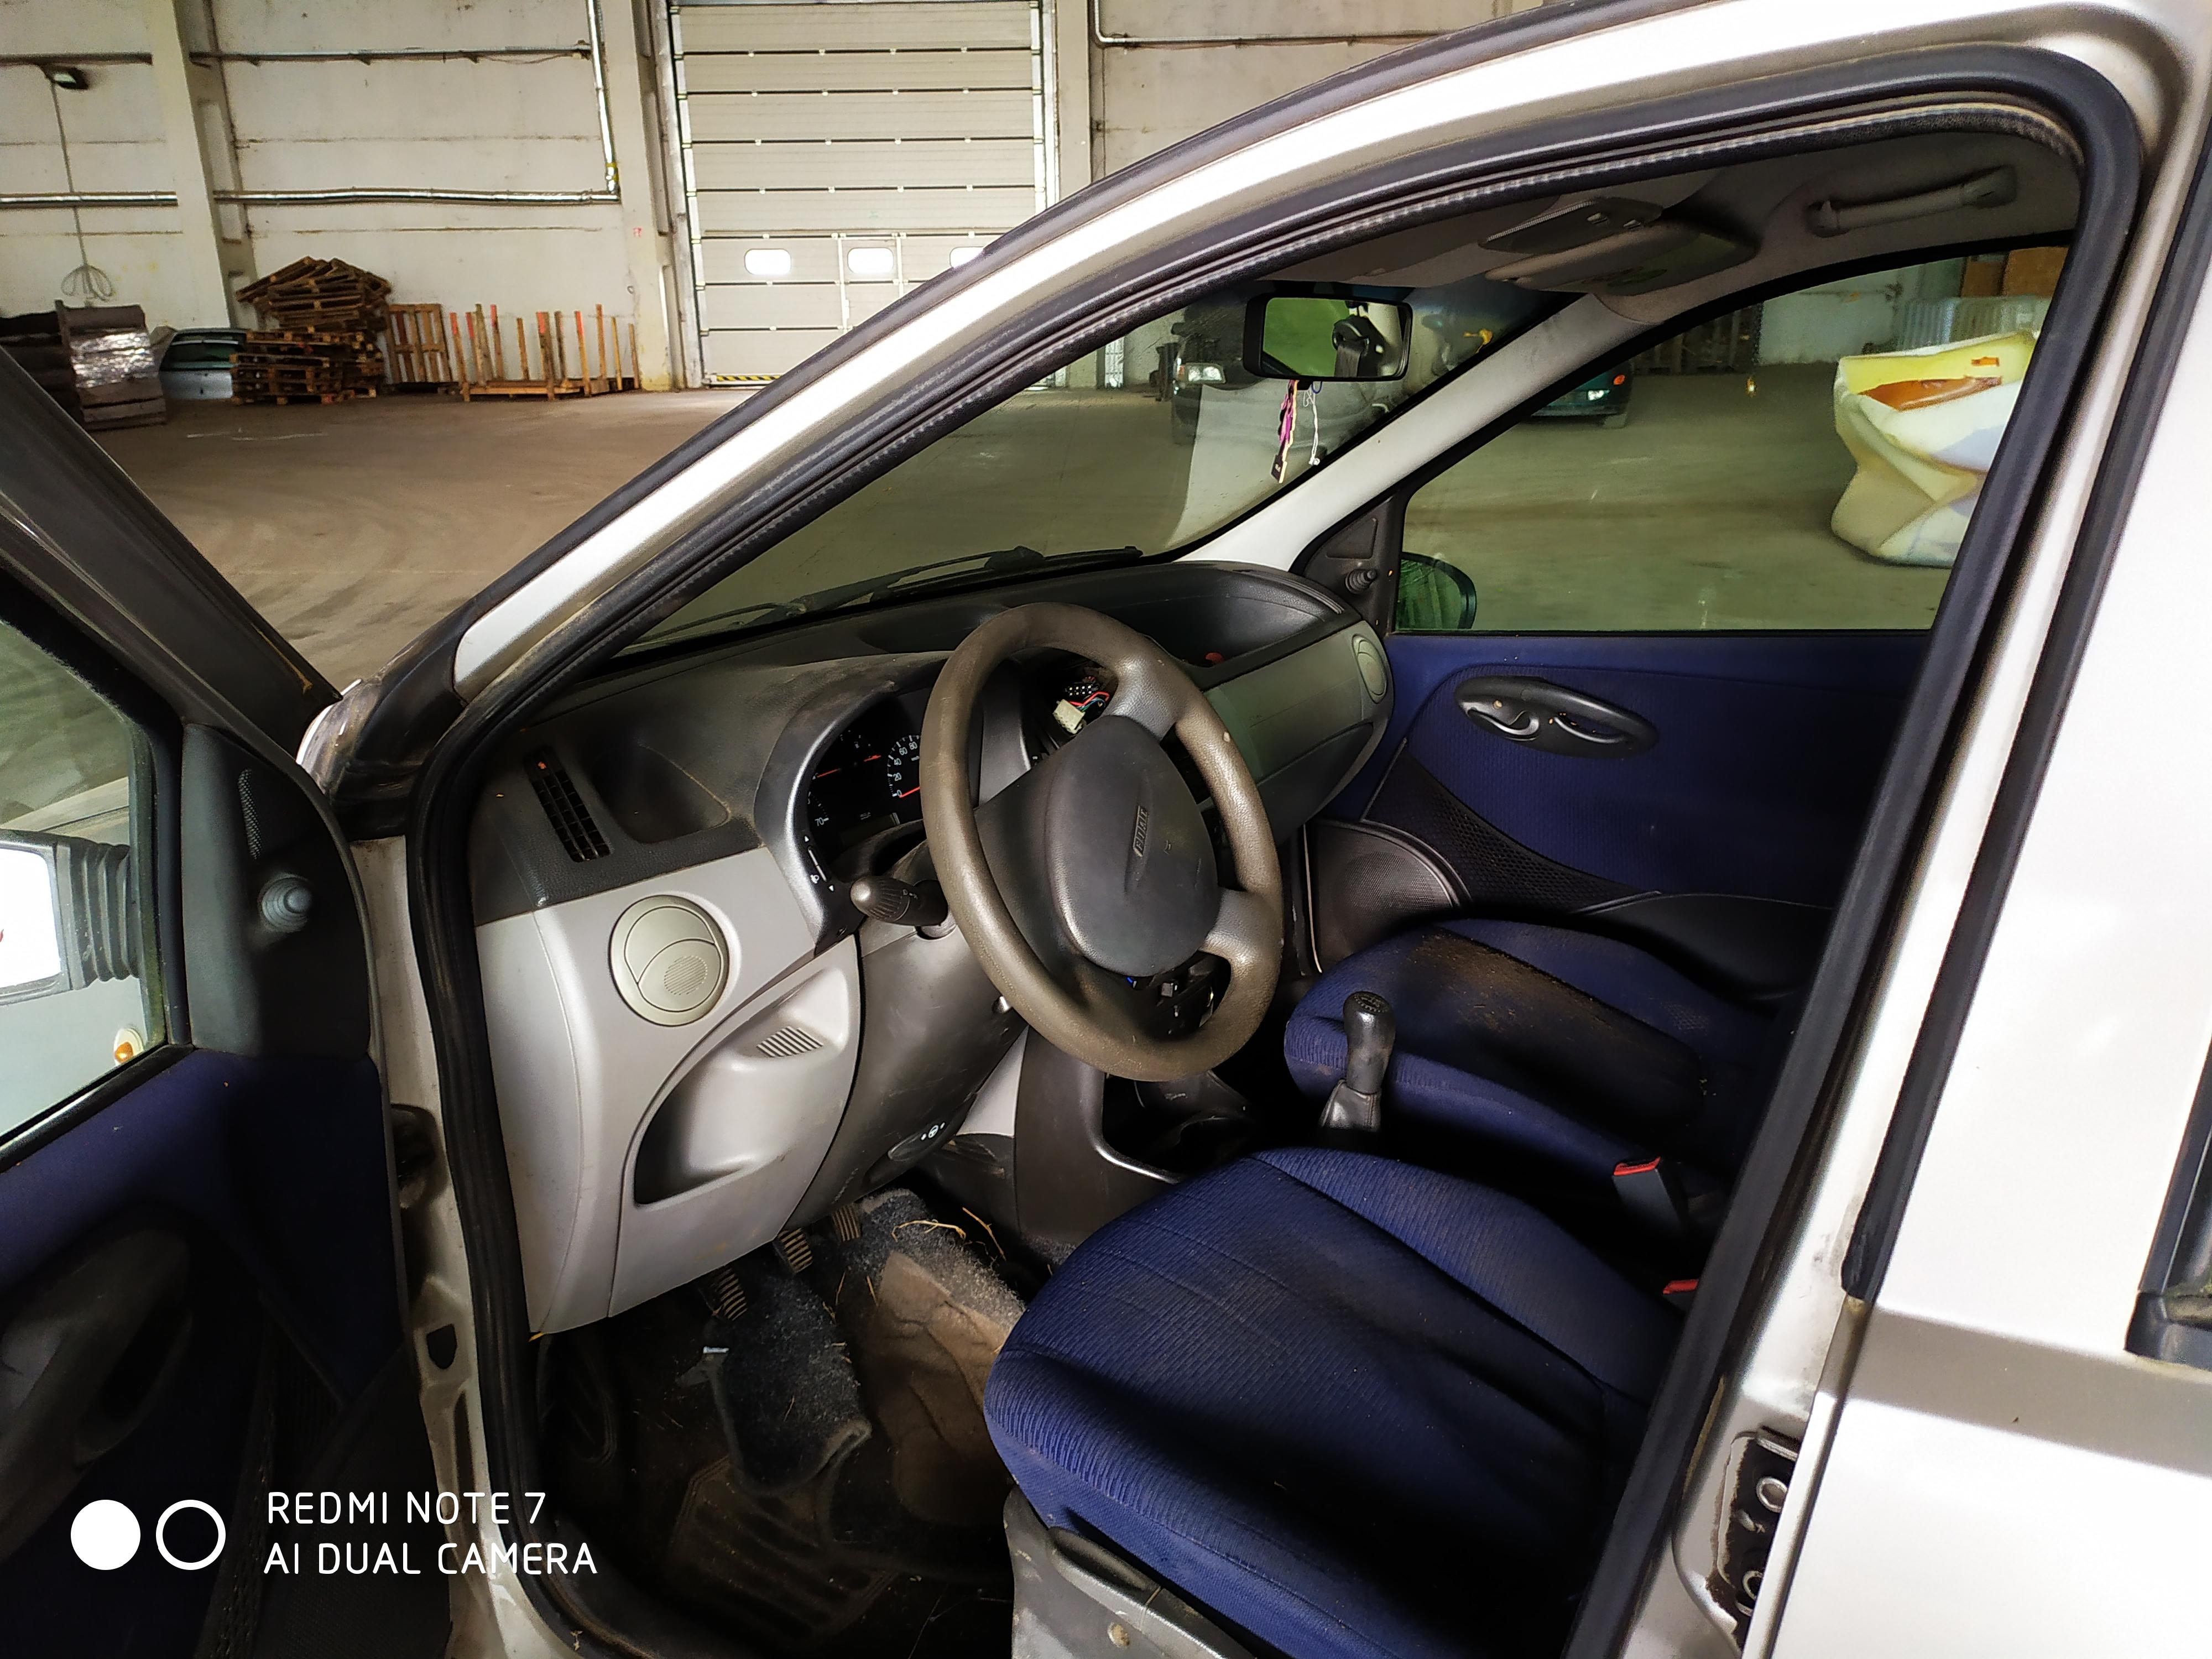 Подержанные Автозапчасти Fiat PUNTO 2000 1.9 машиностроение хэтчбэк 4/5 d. серебро 2020-8-19